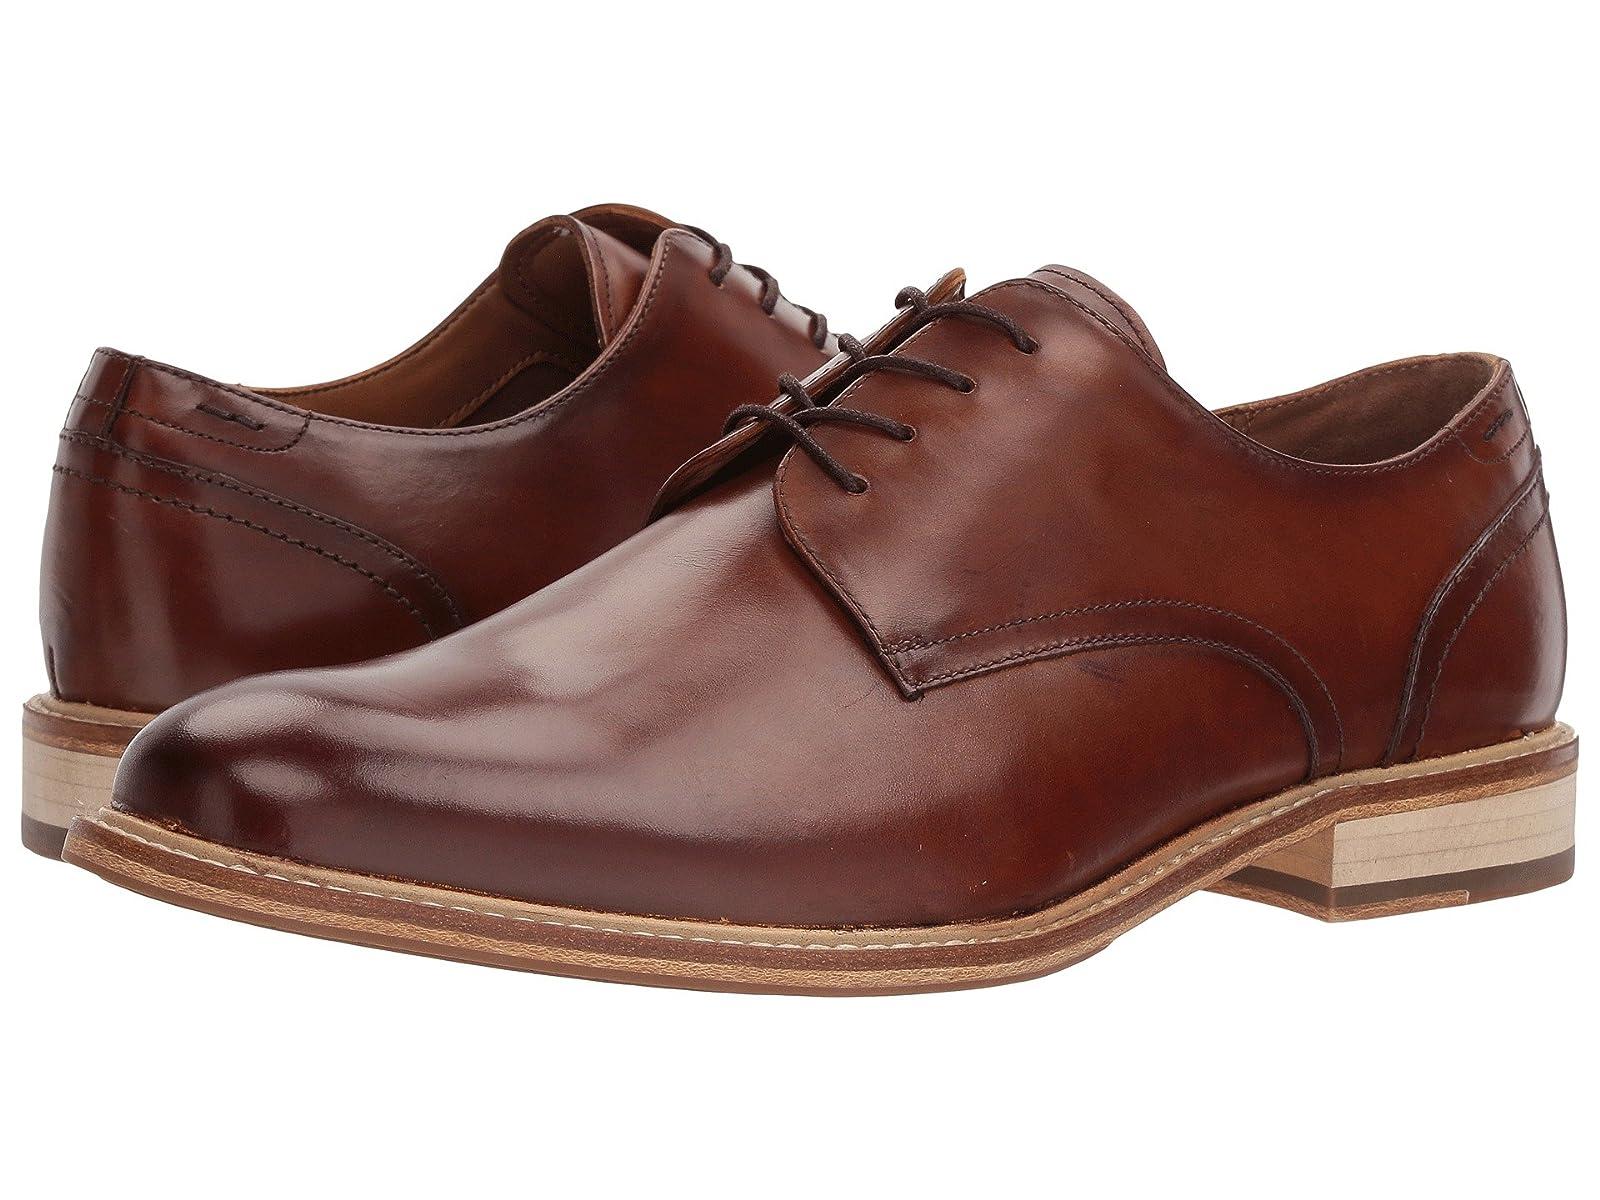 ALDO GaleriAtmospheric grades have affordable shoes